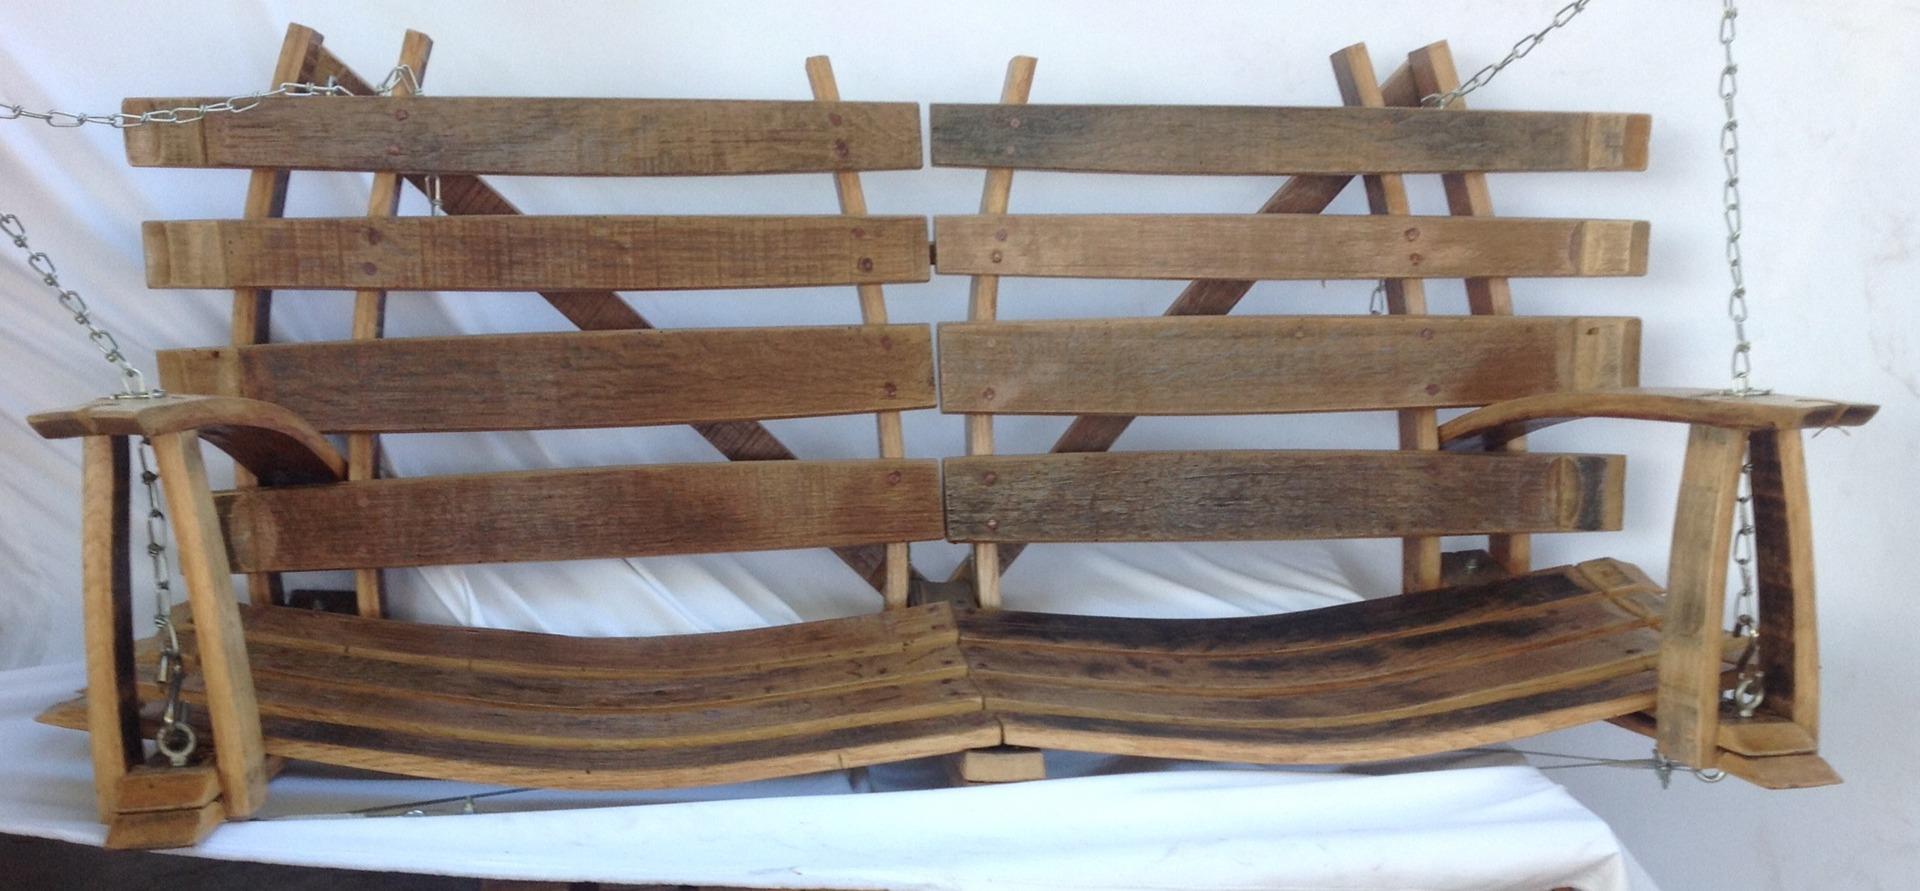 Evans Family Barrels image 5